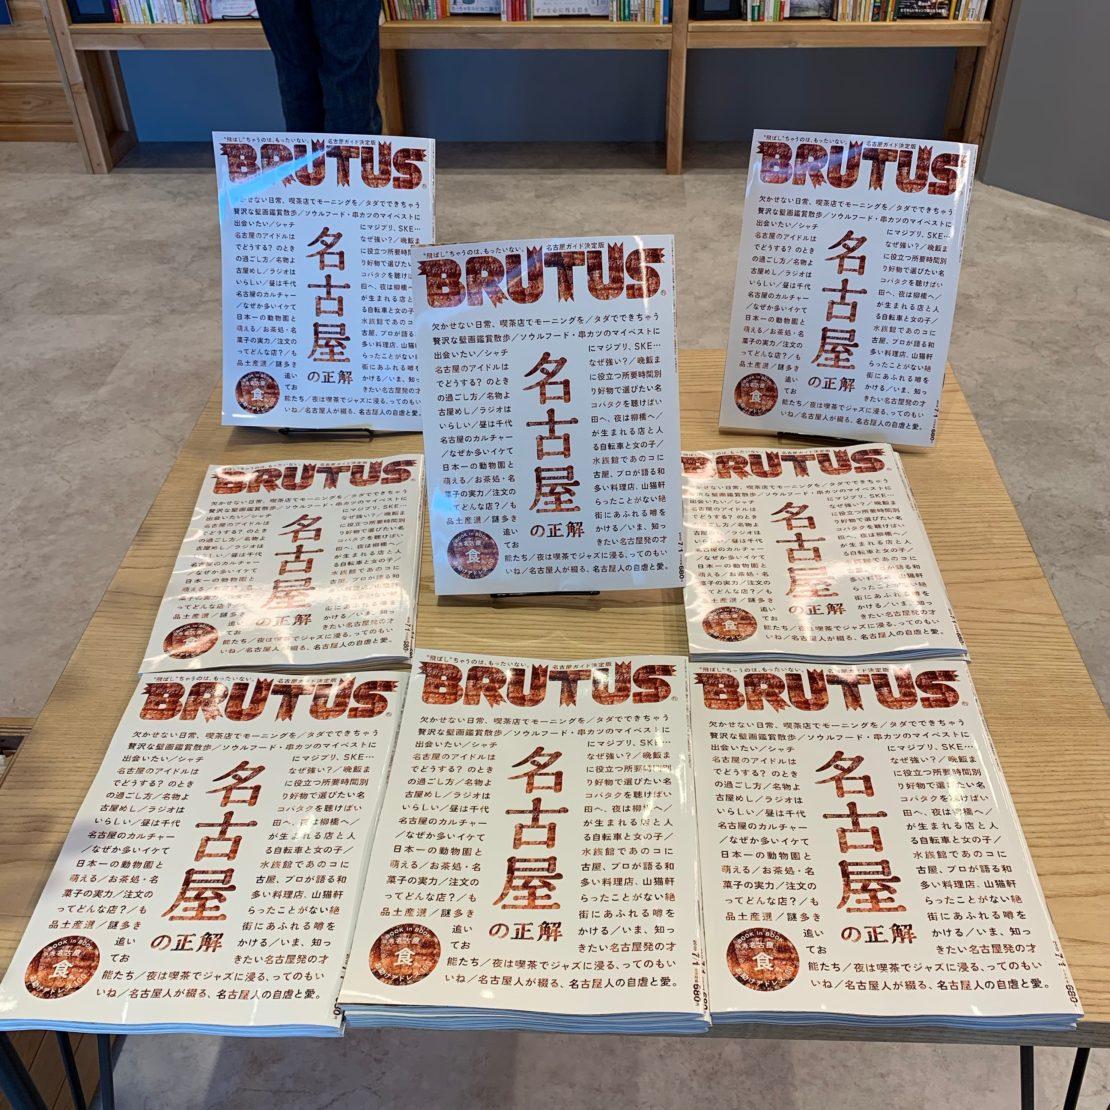 『BRUTUS』の特集『名古屋の正解』がついに発売!隠れた魅力を徹底解剖